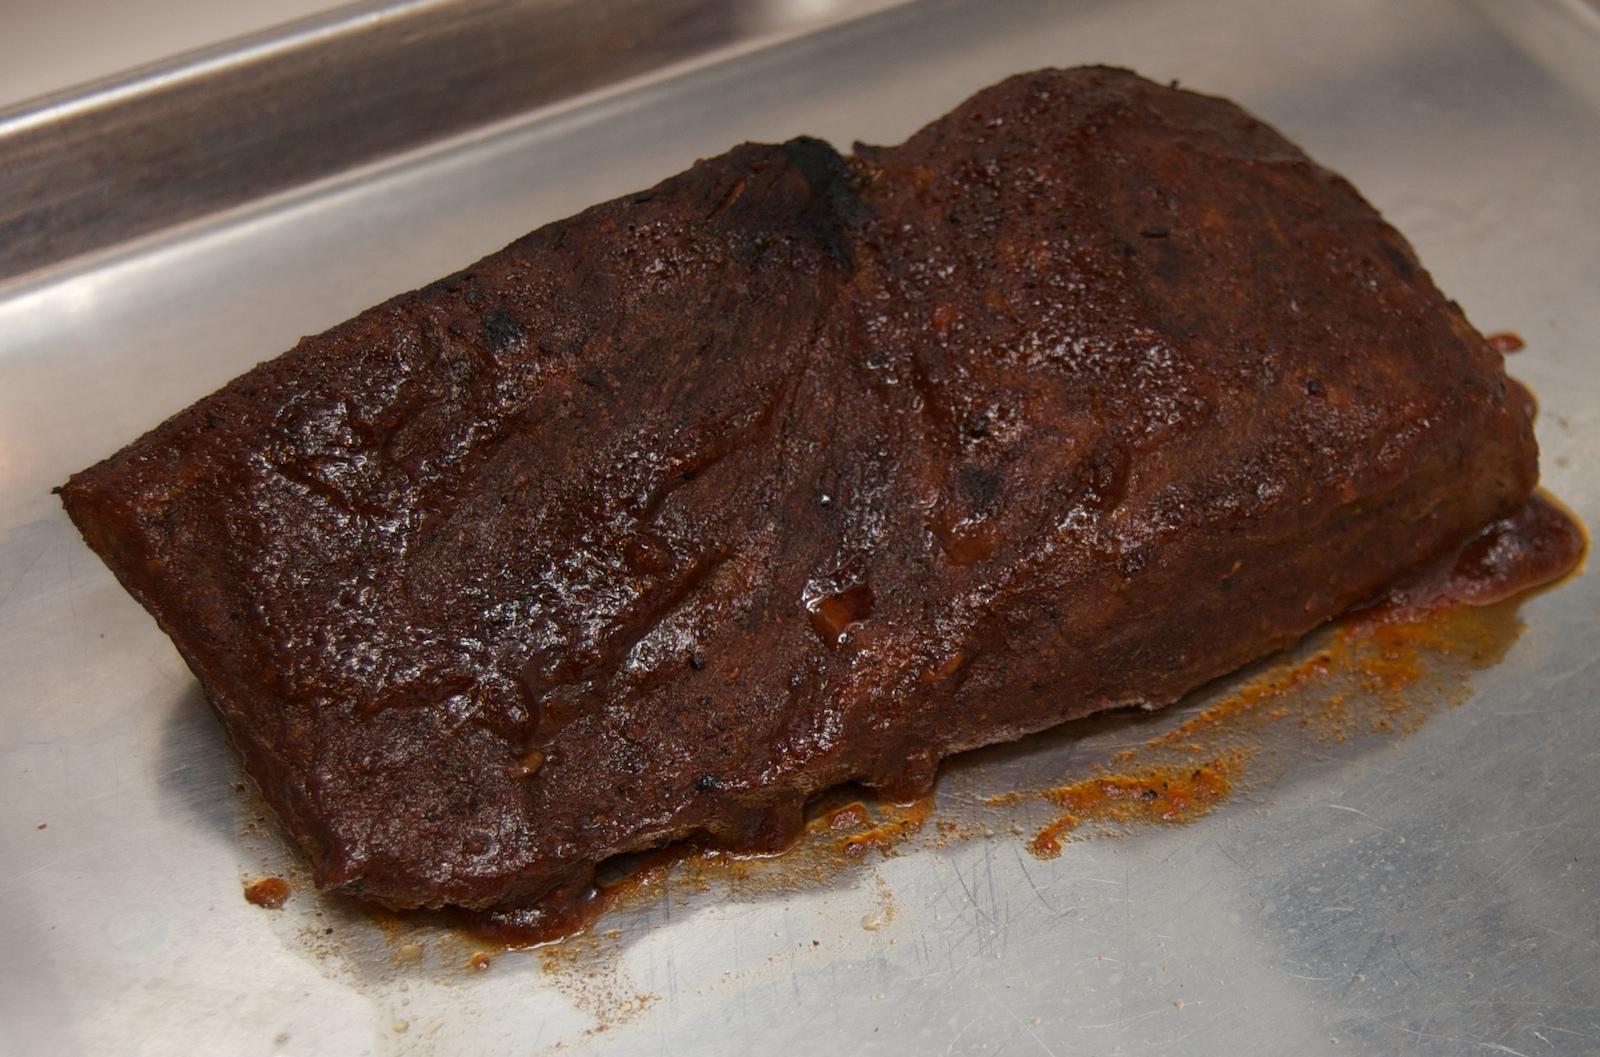 http://blog.rickk.com/food/2009/12/29/bbq5.jpg